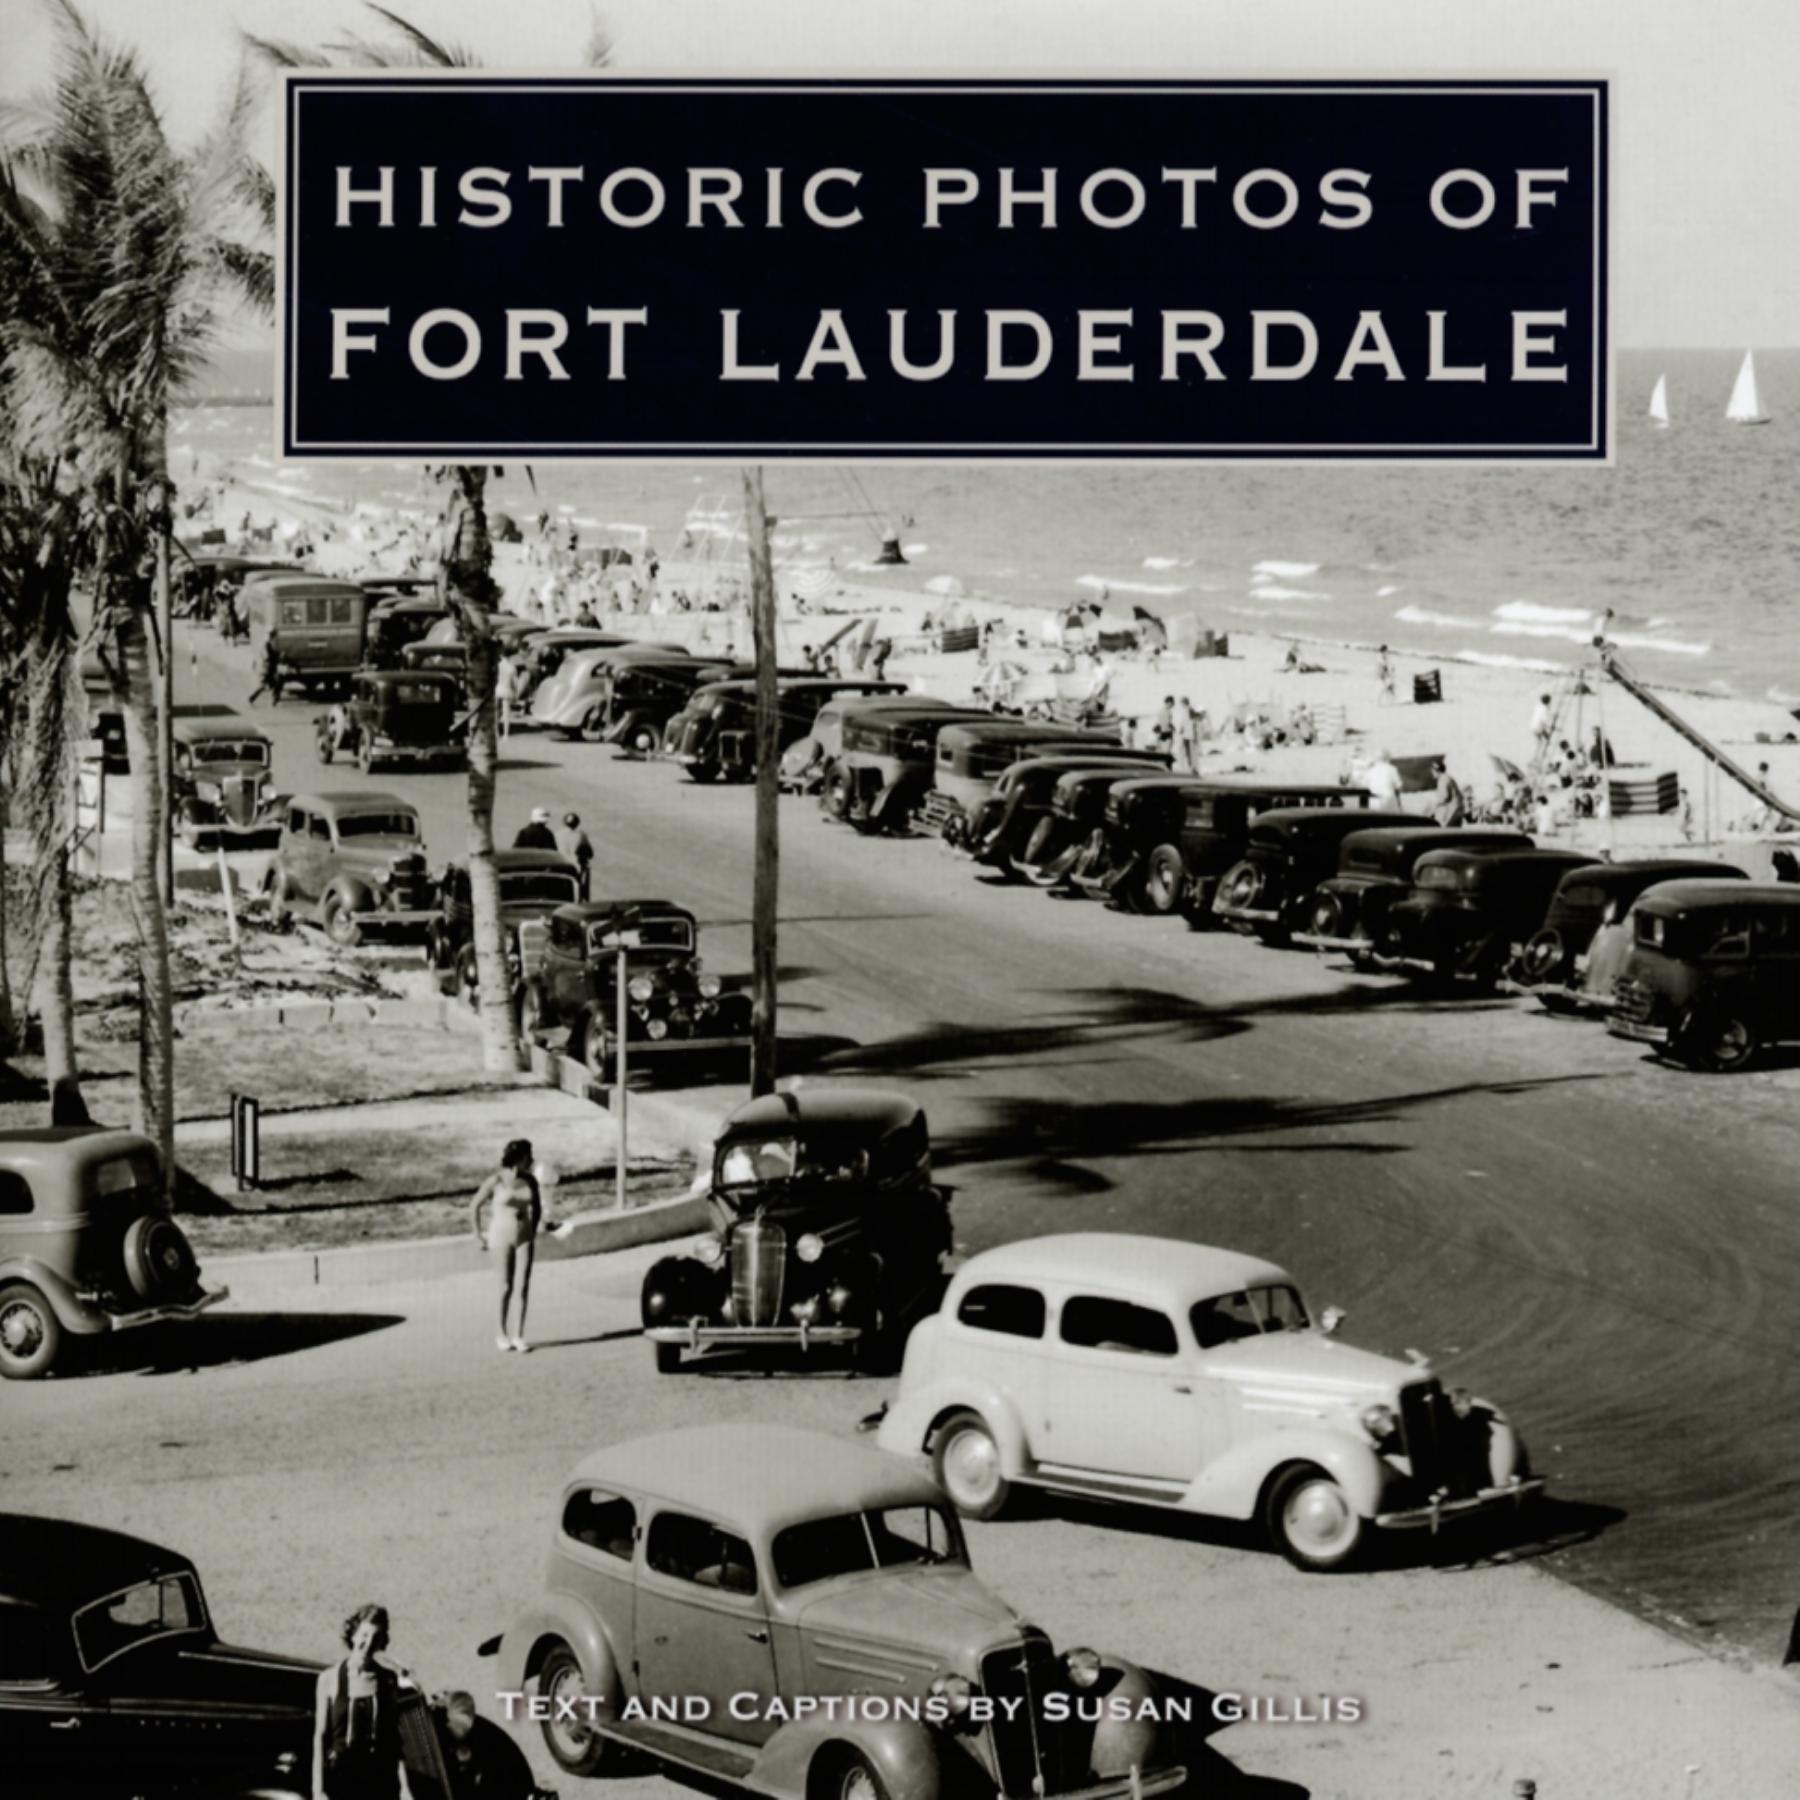 Hyundai Panama City Fl: Department Of Motor Vehicles Fort Lauderdale